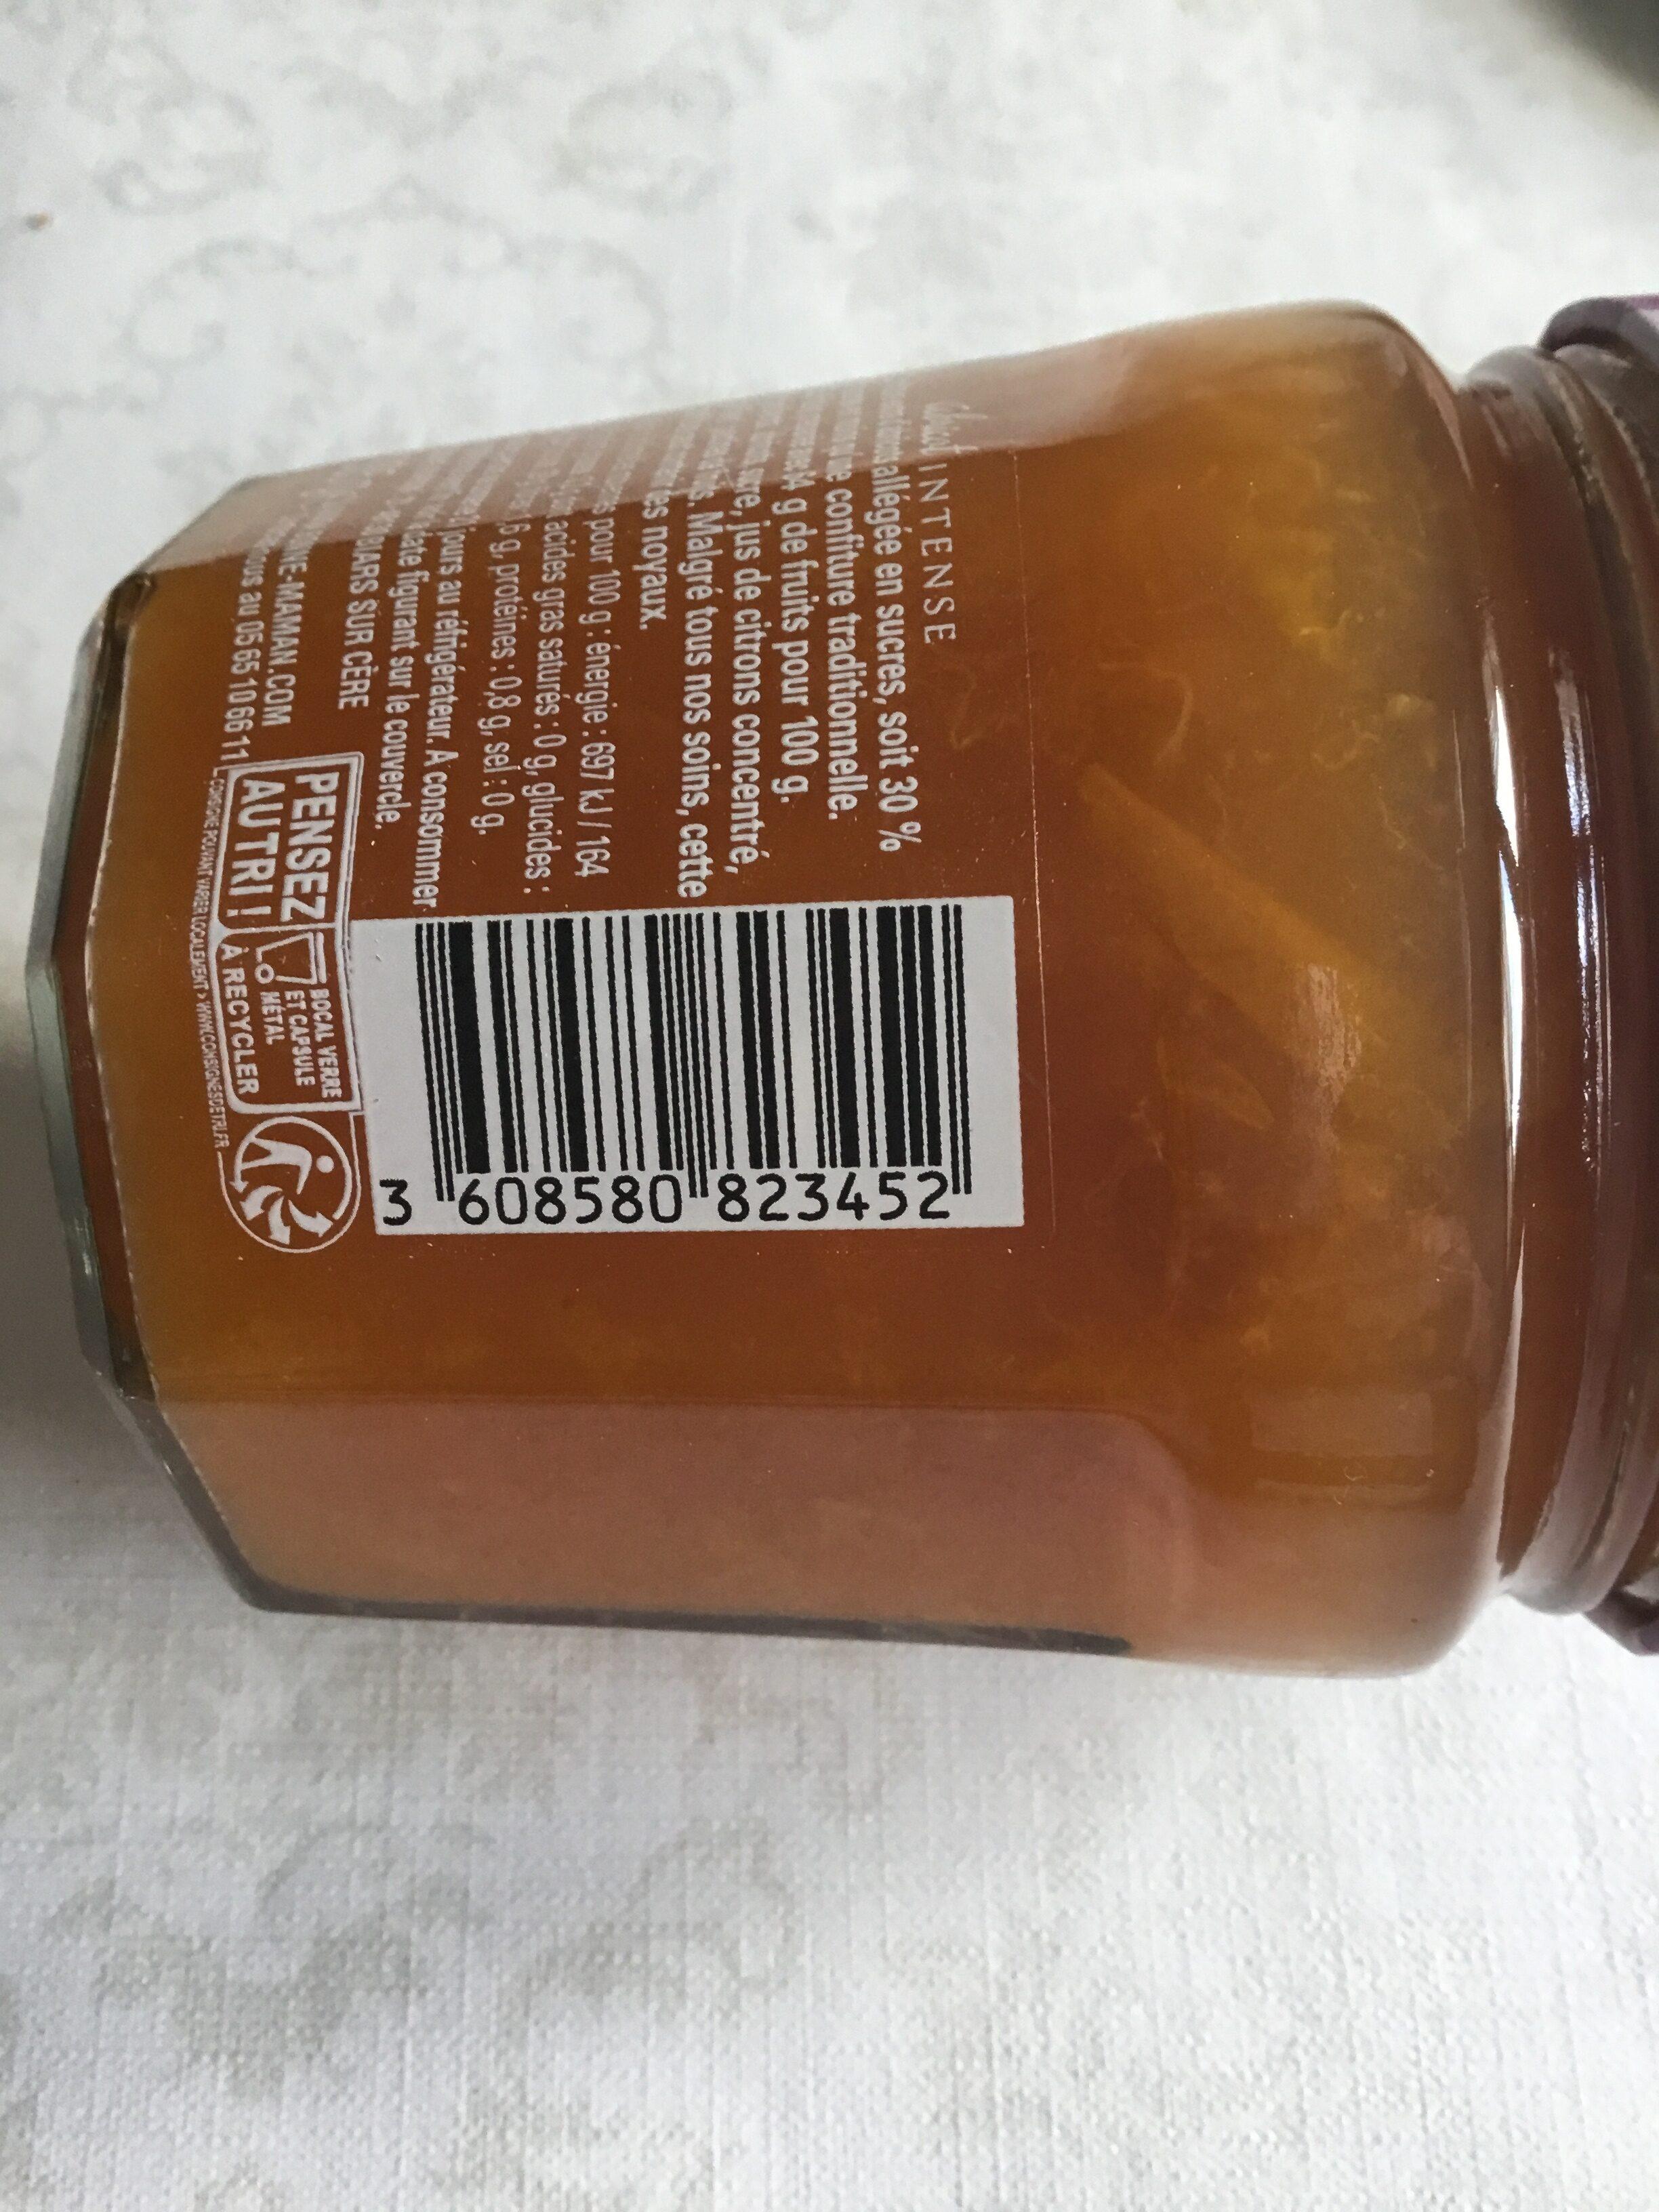 Abricot intense - Confiture moins sucrée - Prodotto - fr